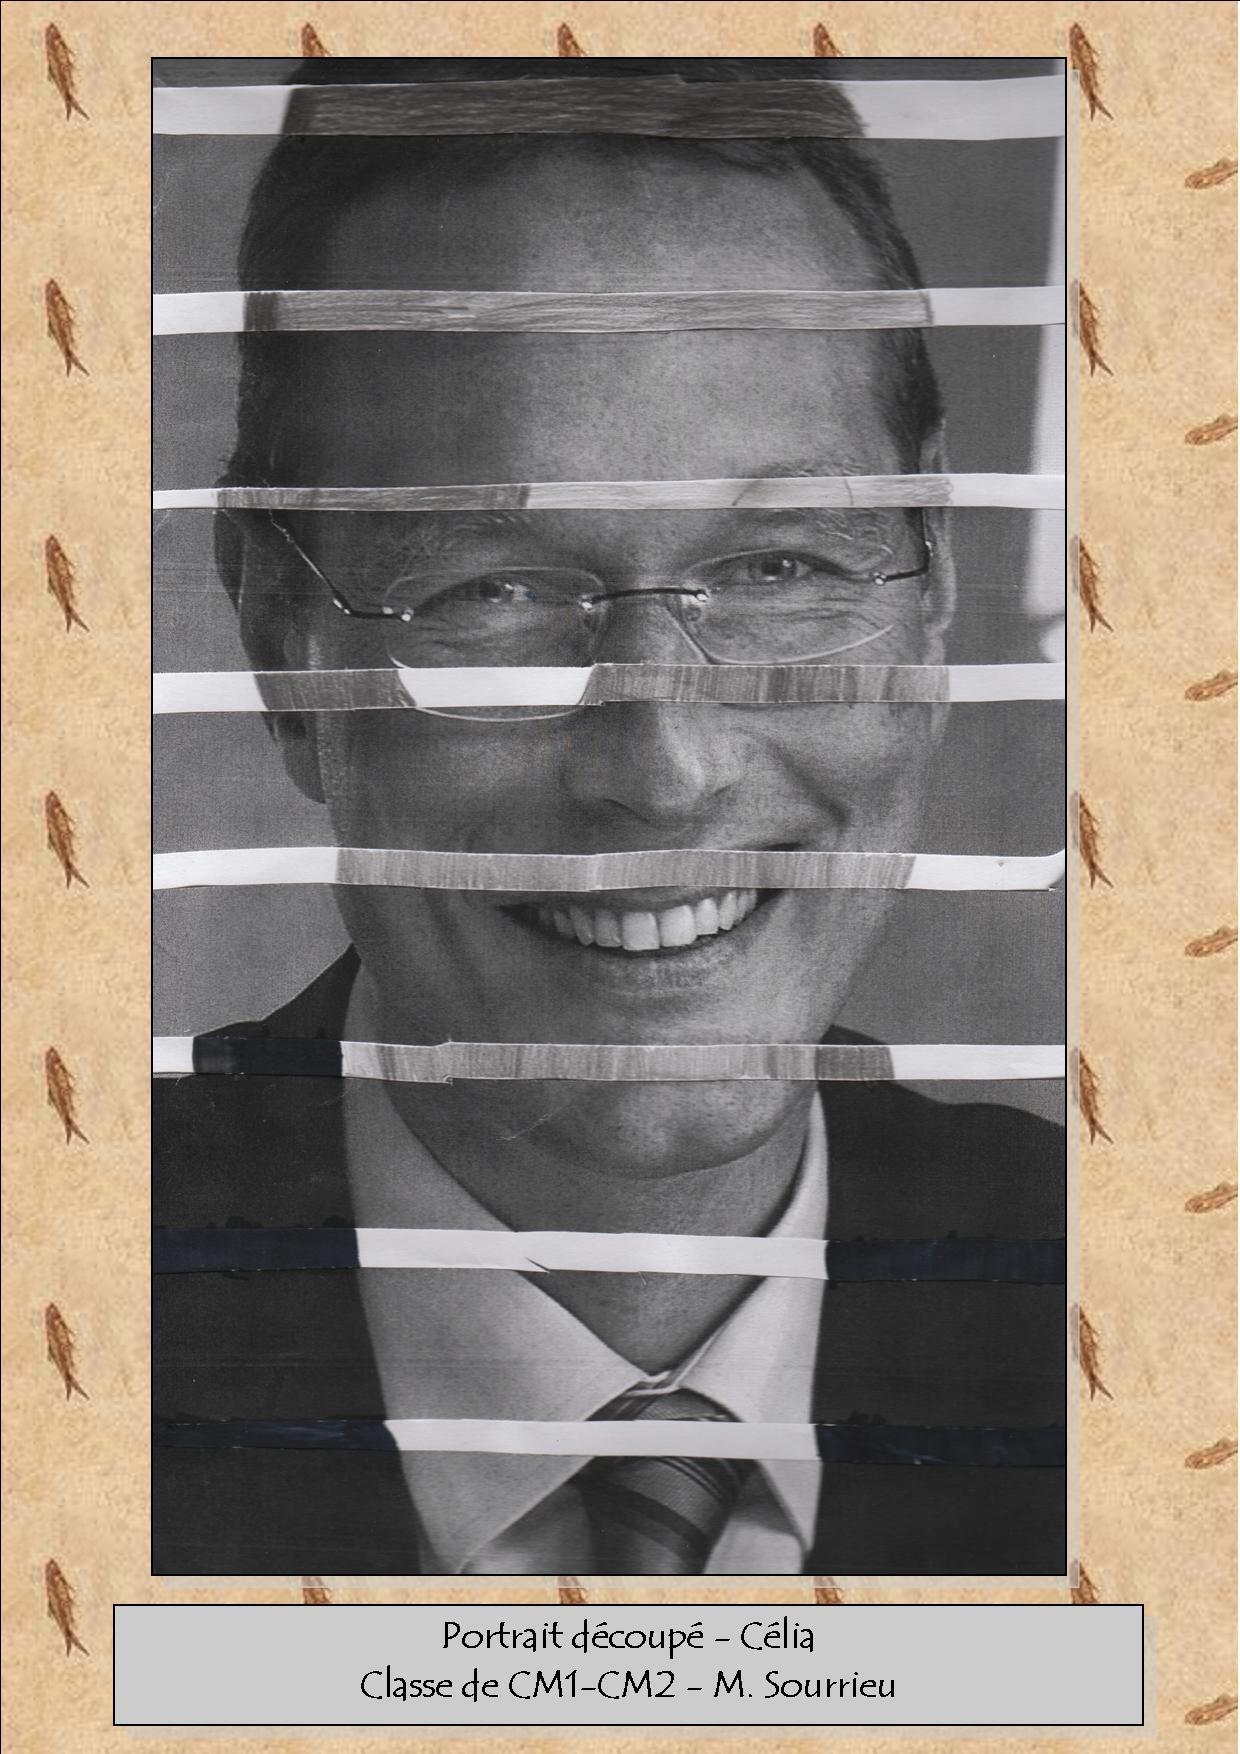 Portrait découpé CM2 - M. Sourrieu 08.jpg